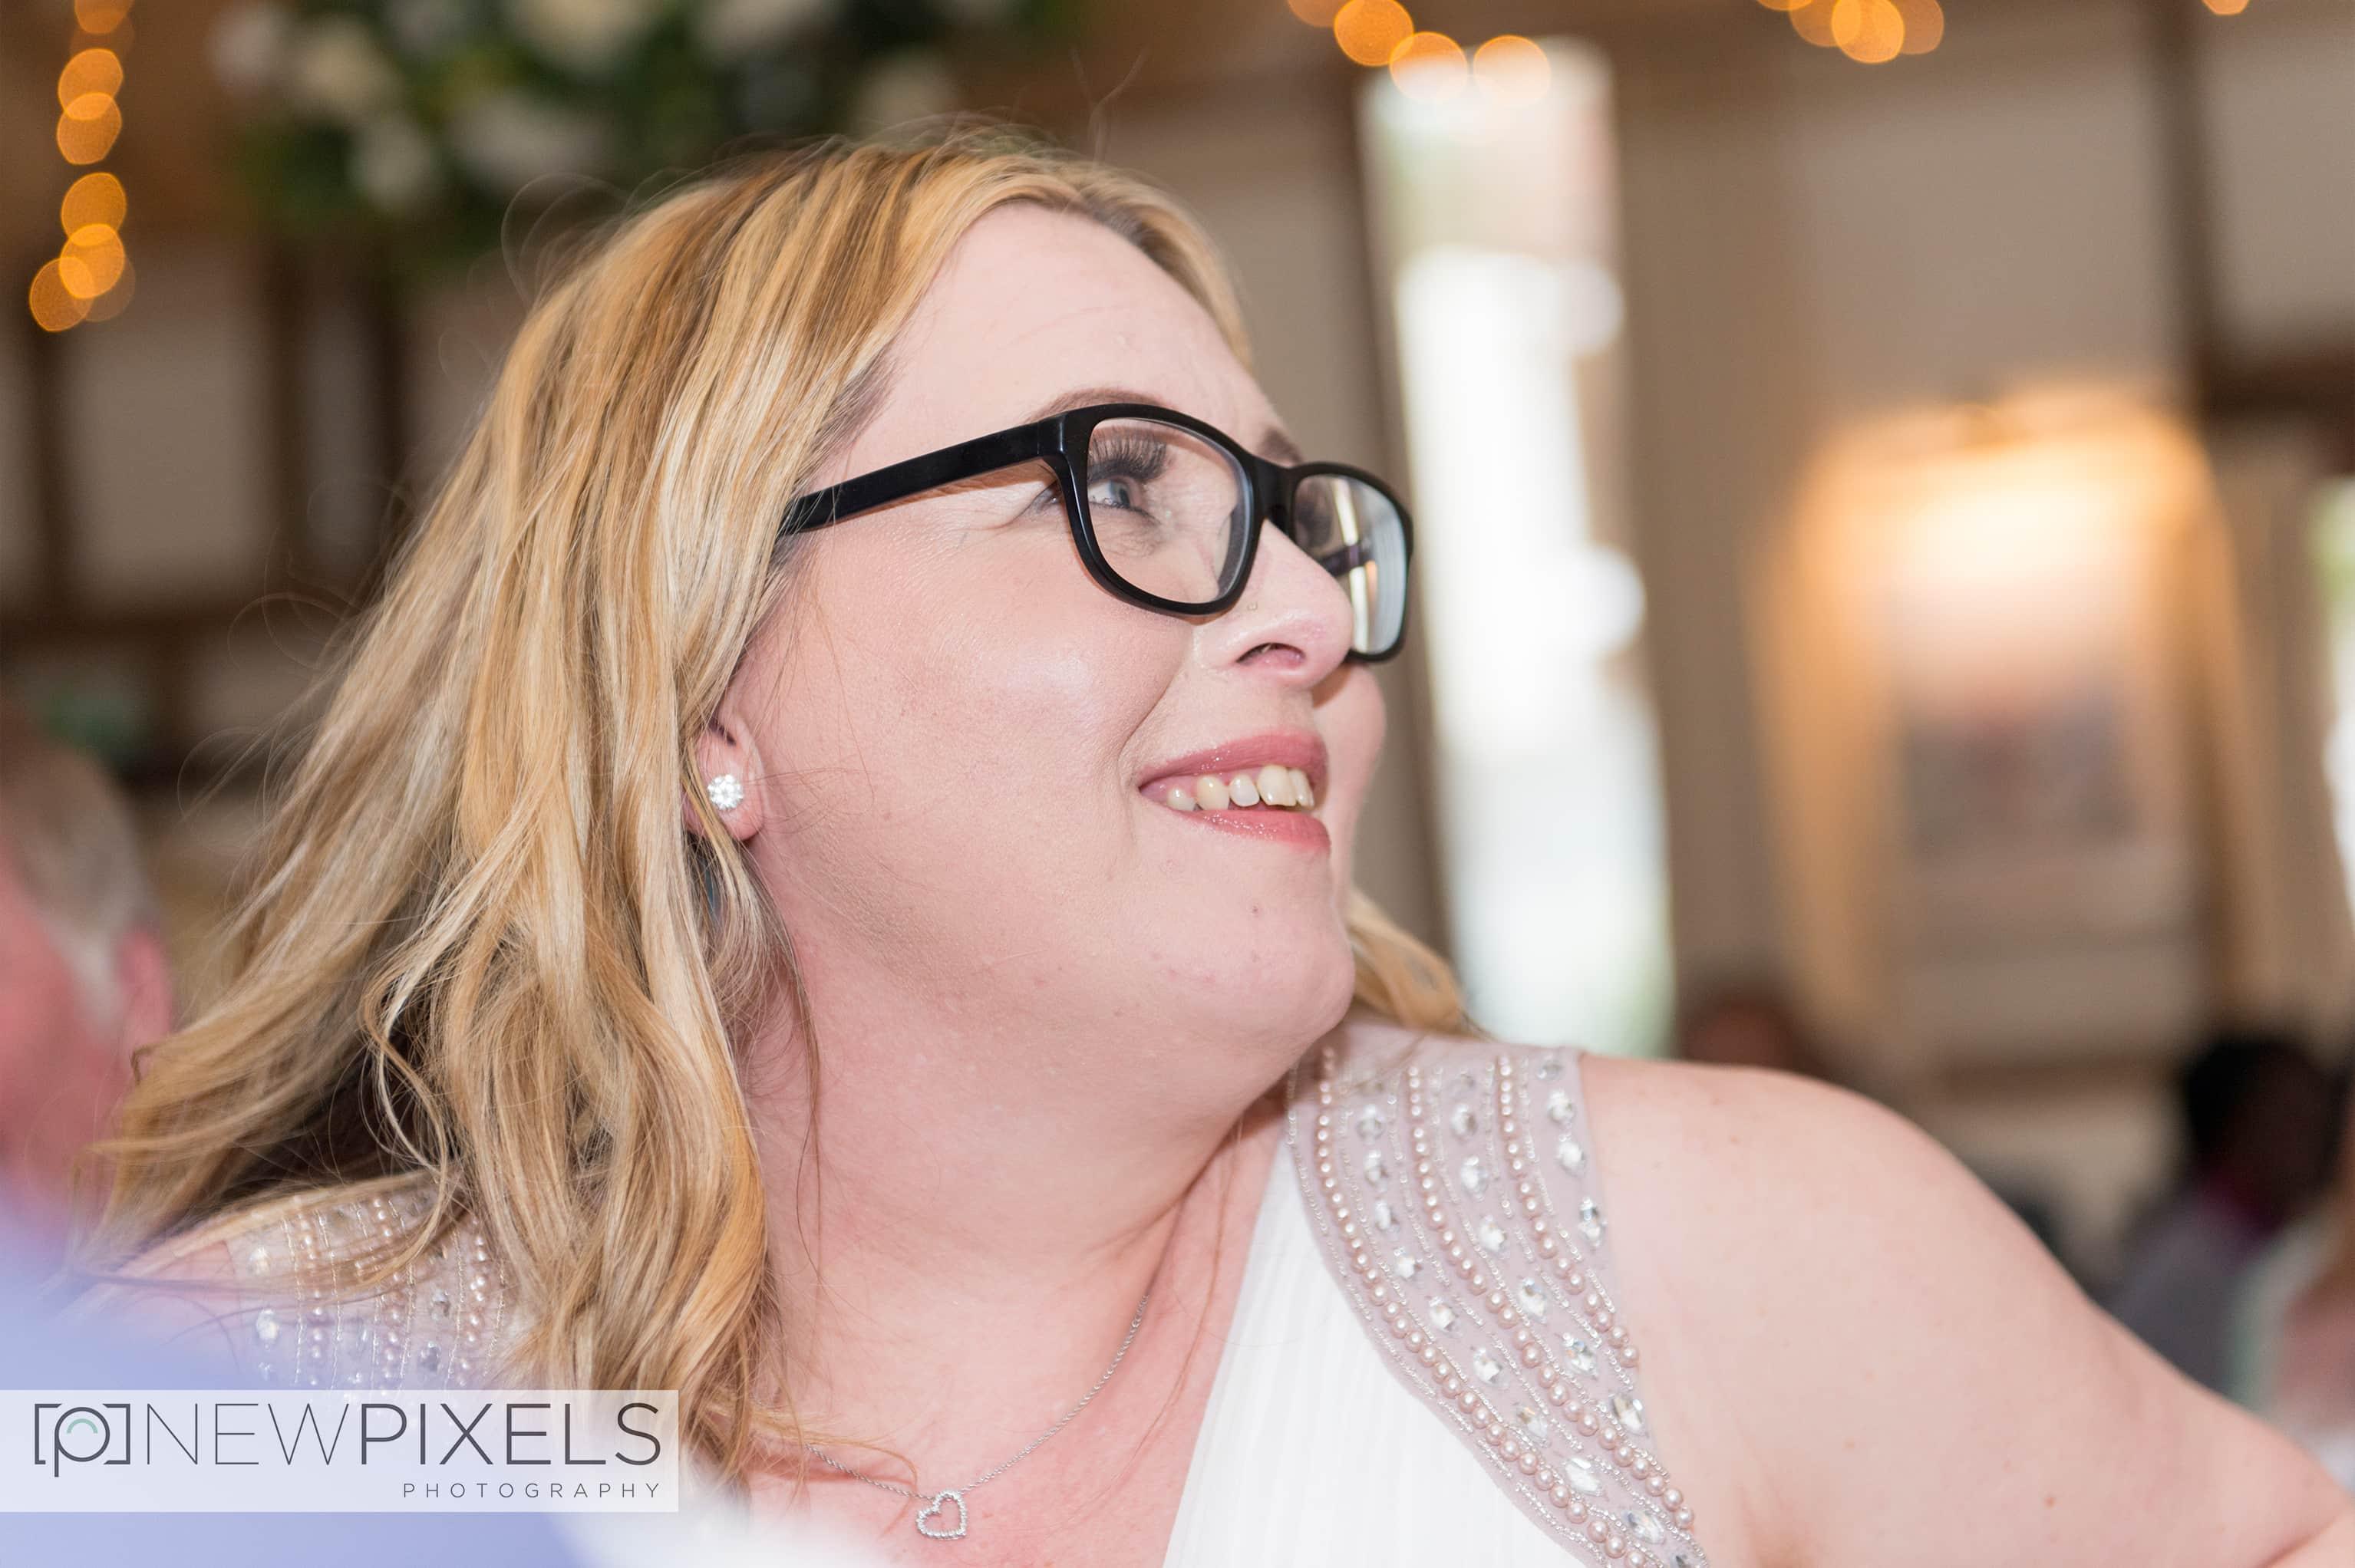 Reid_Rooms_Wedding_Photography_NewPixels9